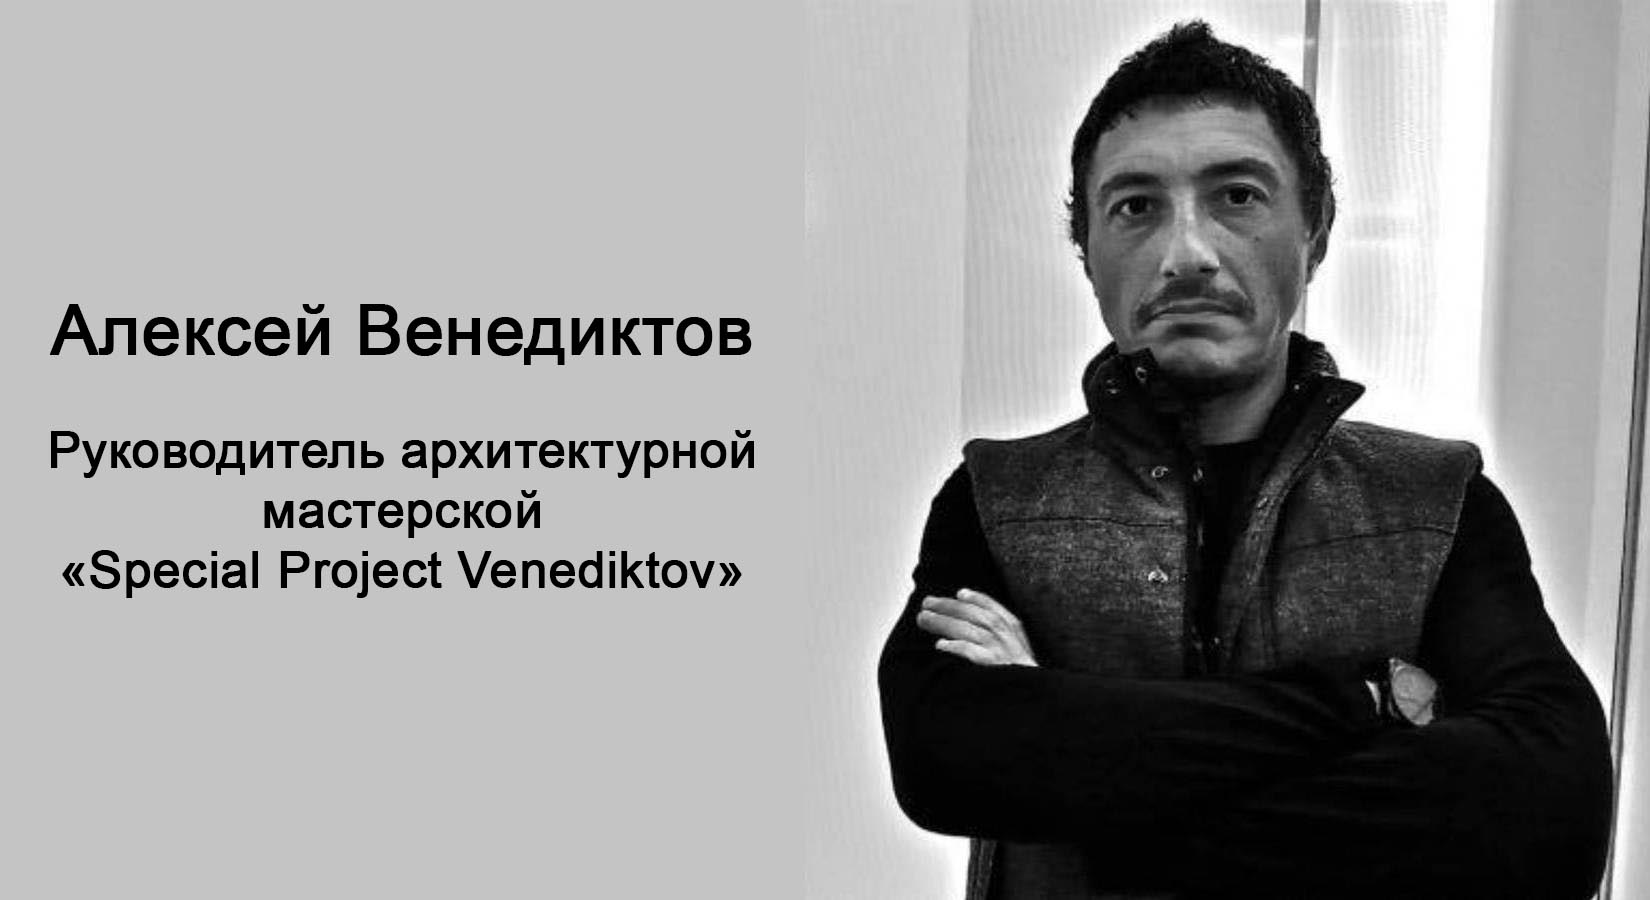 Інтерв'ю Олексія Венедиктова (архітектурна майстерня Special Project Venediktov) бренду DAVIS CASA. Частина 1